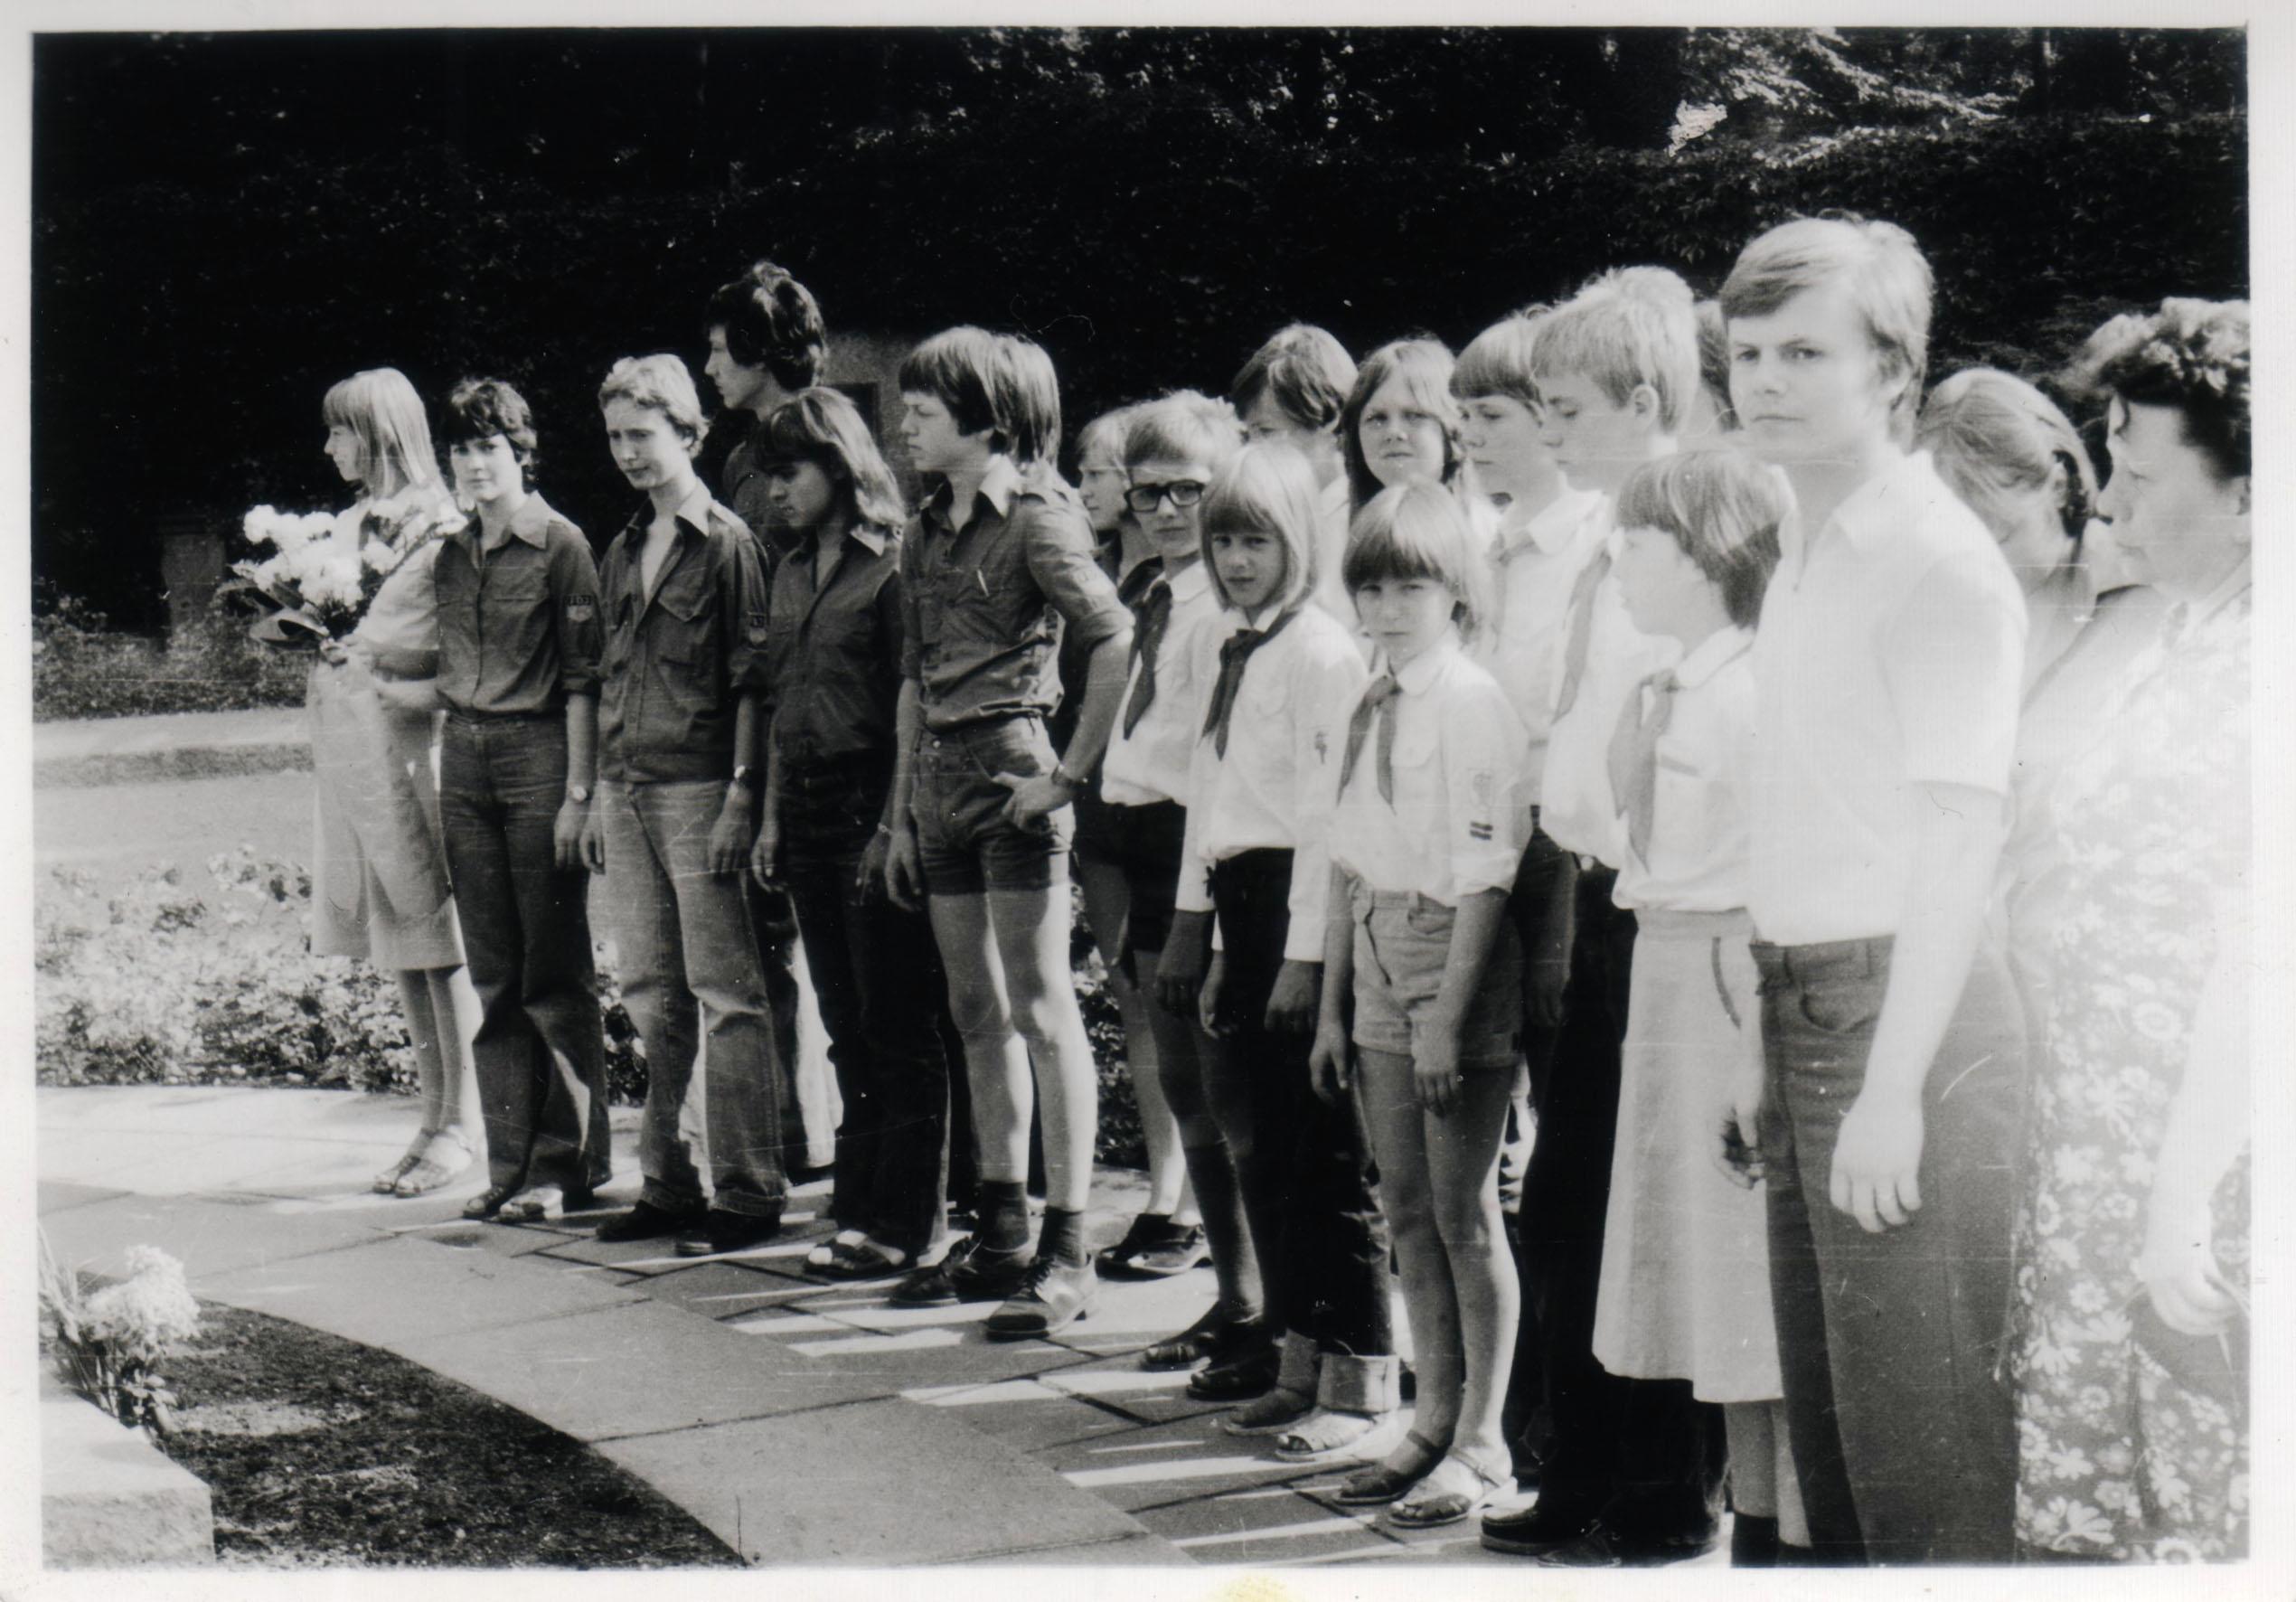 FreundschaftsmarschKranzniederlegungBerlin_07-1981